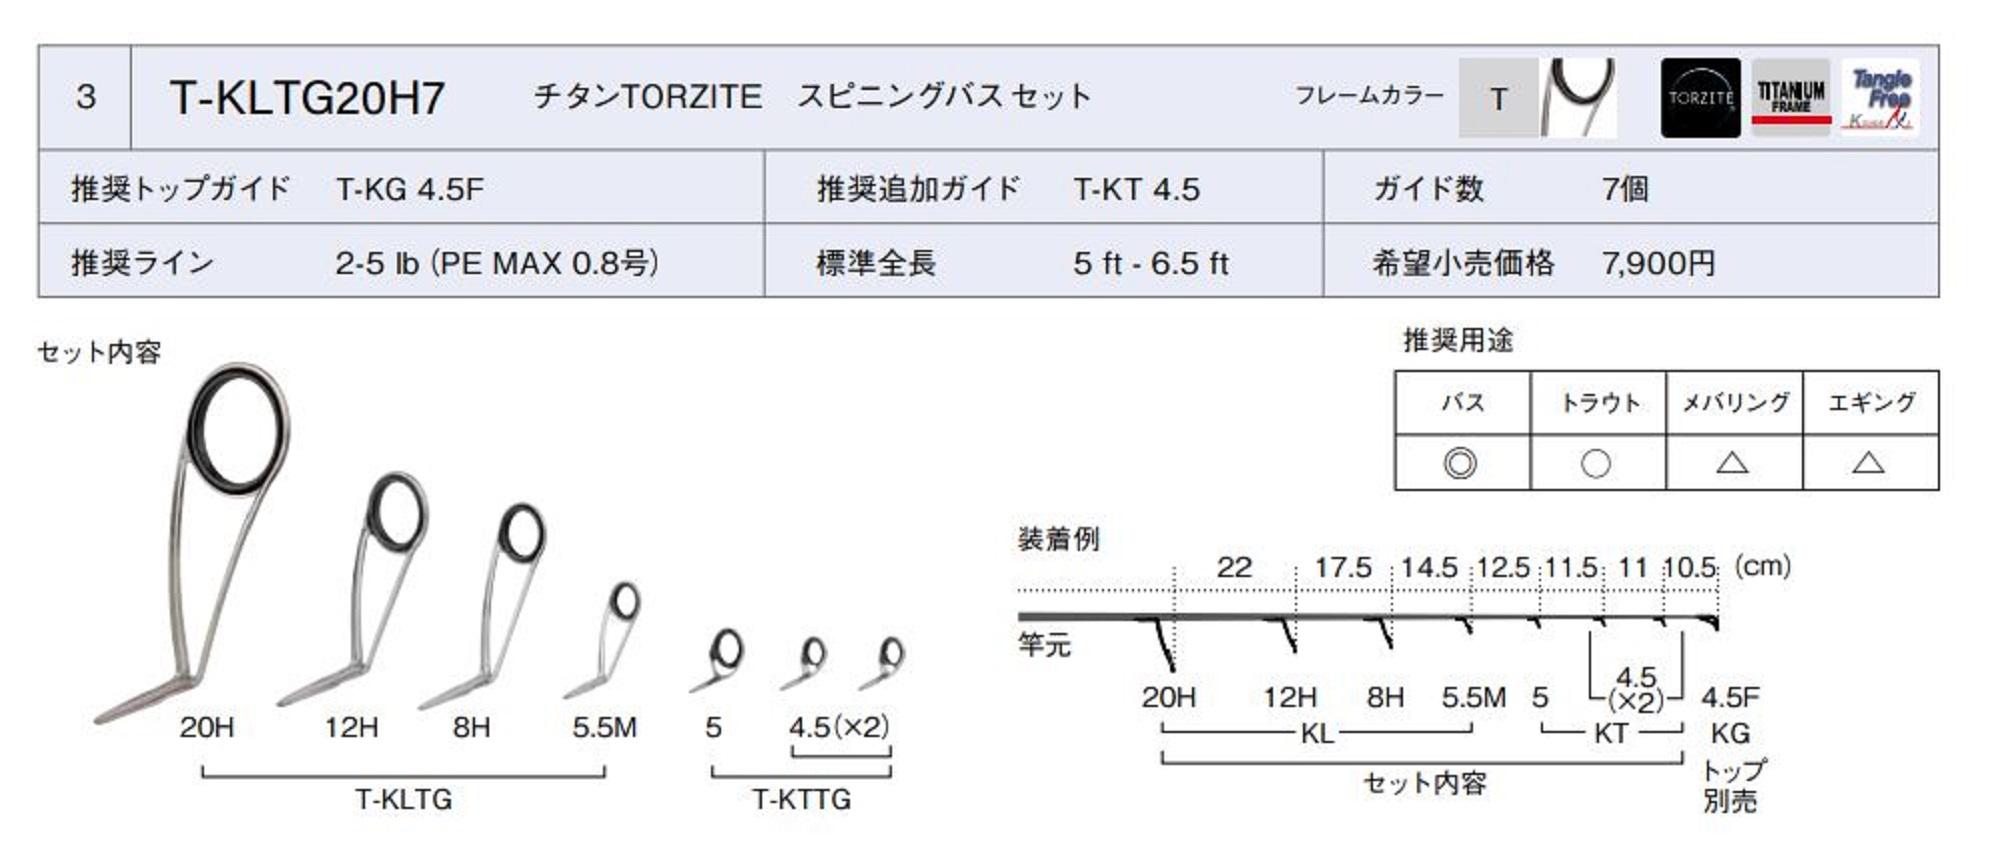 0021 Fuji T-KLTG Size 16H9 Rod Guide Torzite Titanium Frame Set